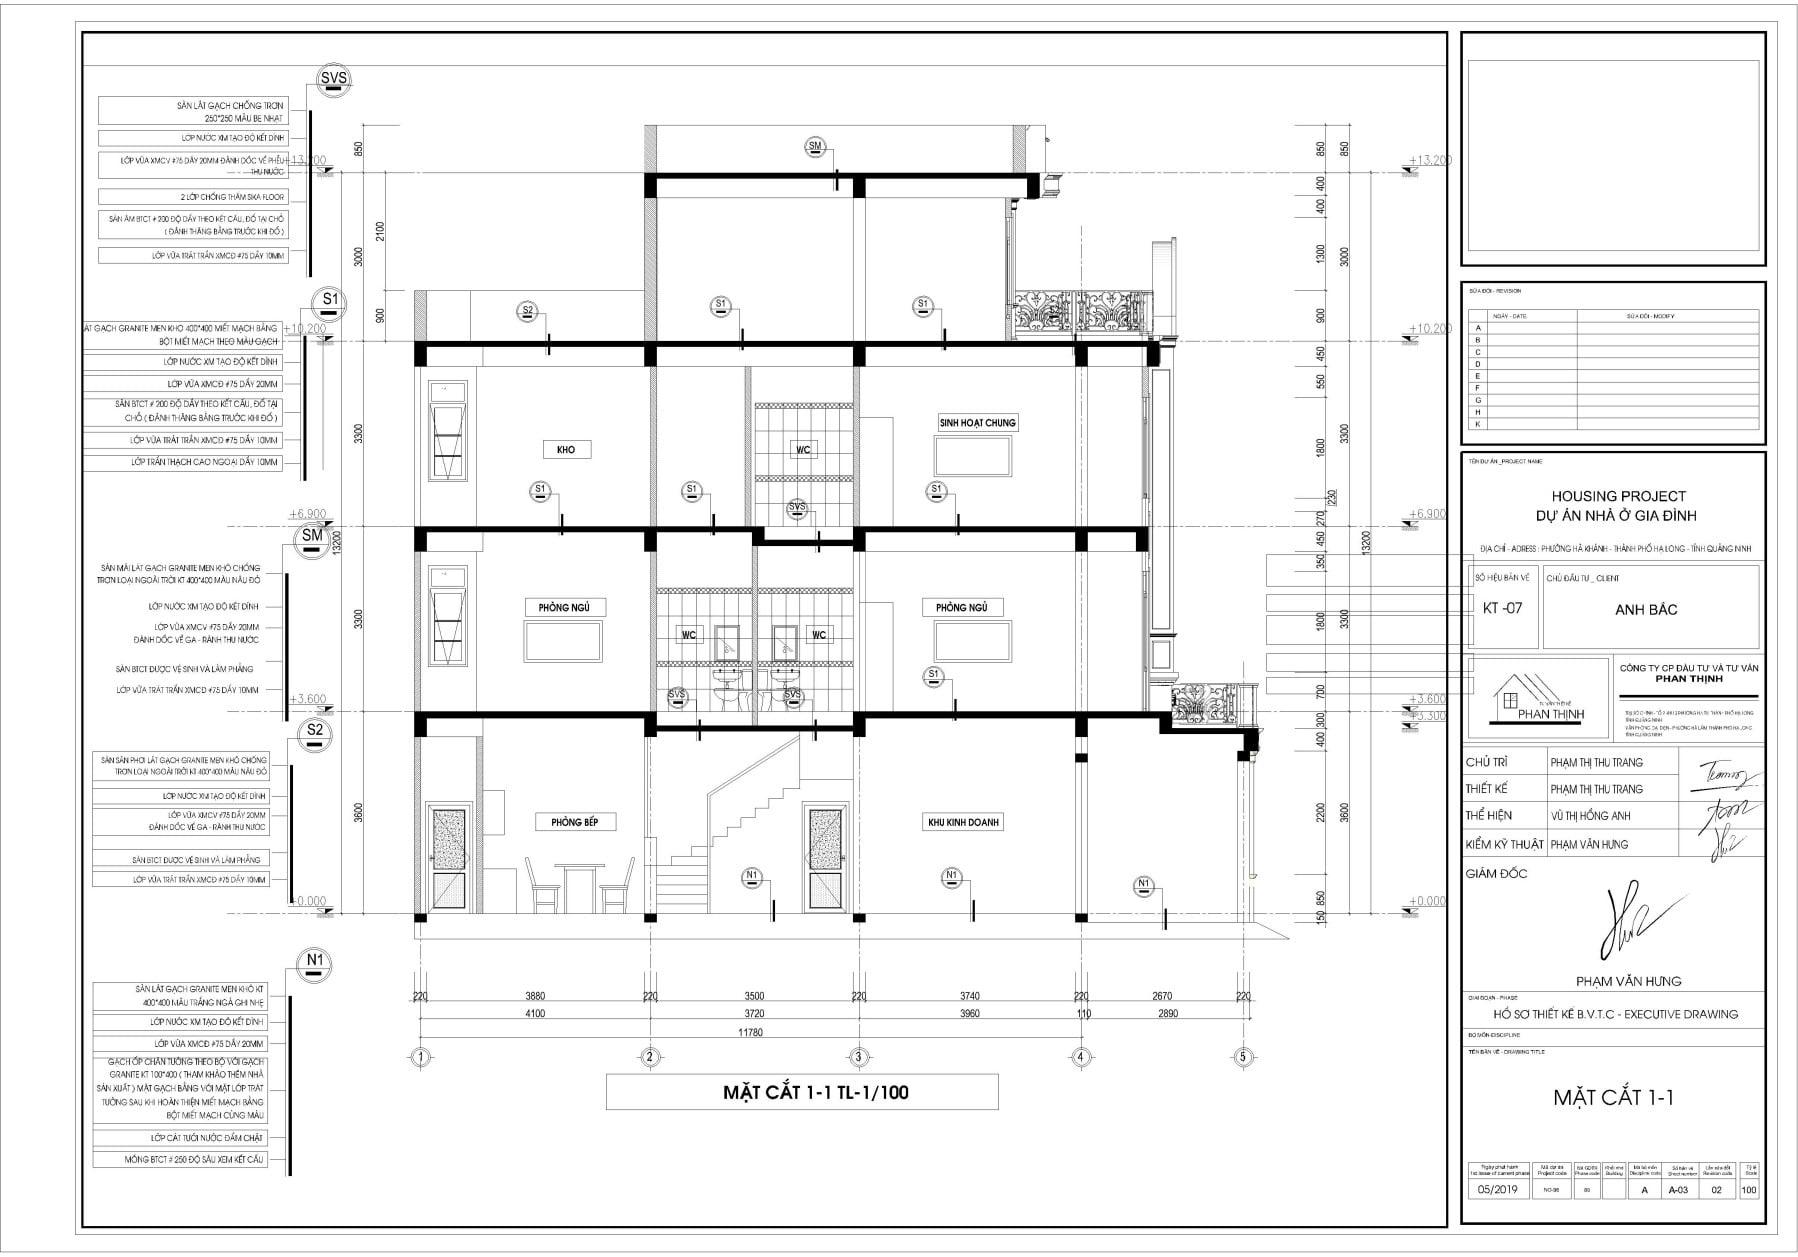 Bản vẽ thiết kế mặt cắt 1-1 của căn nhà phố 4 tầng cổ điển